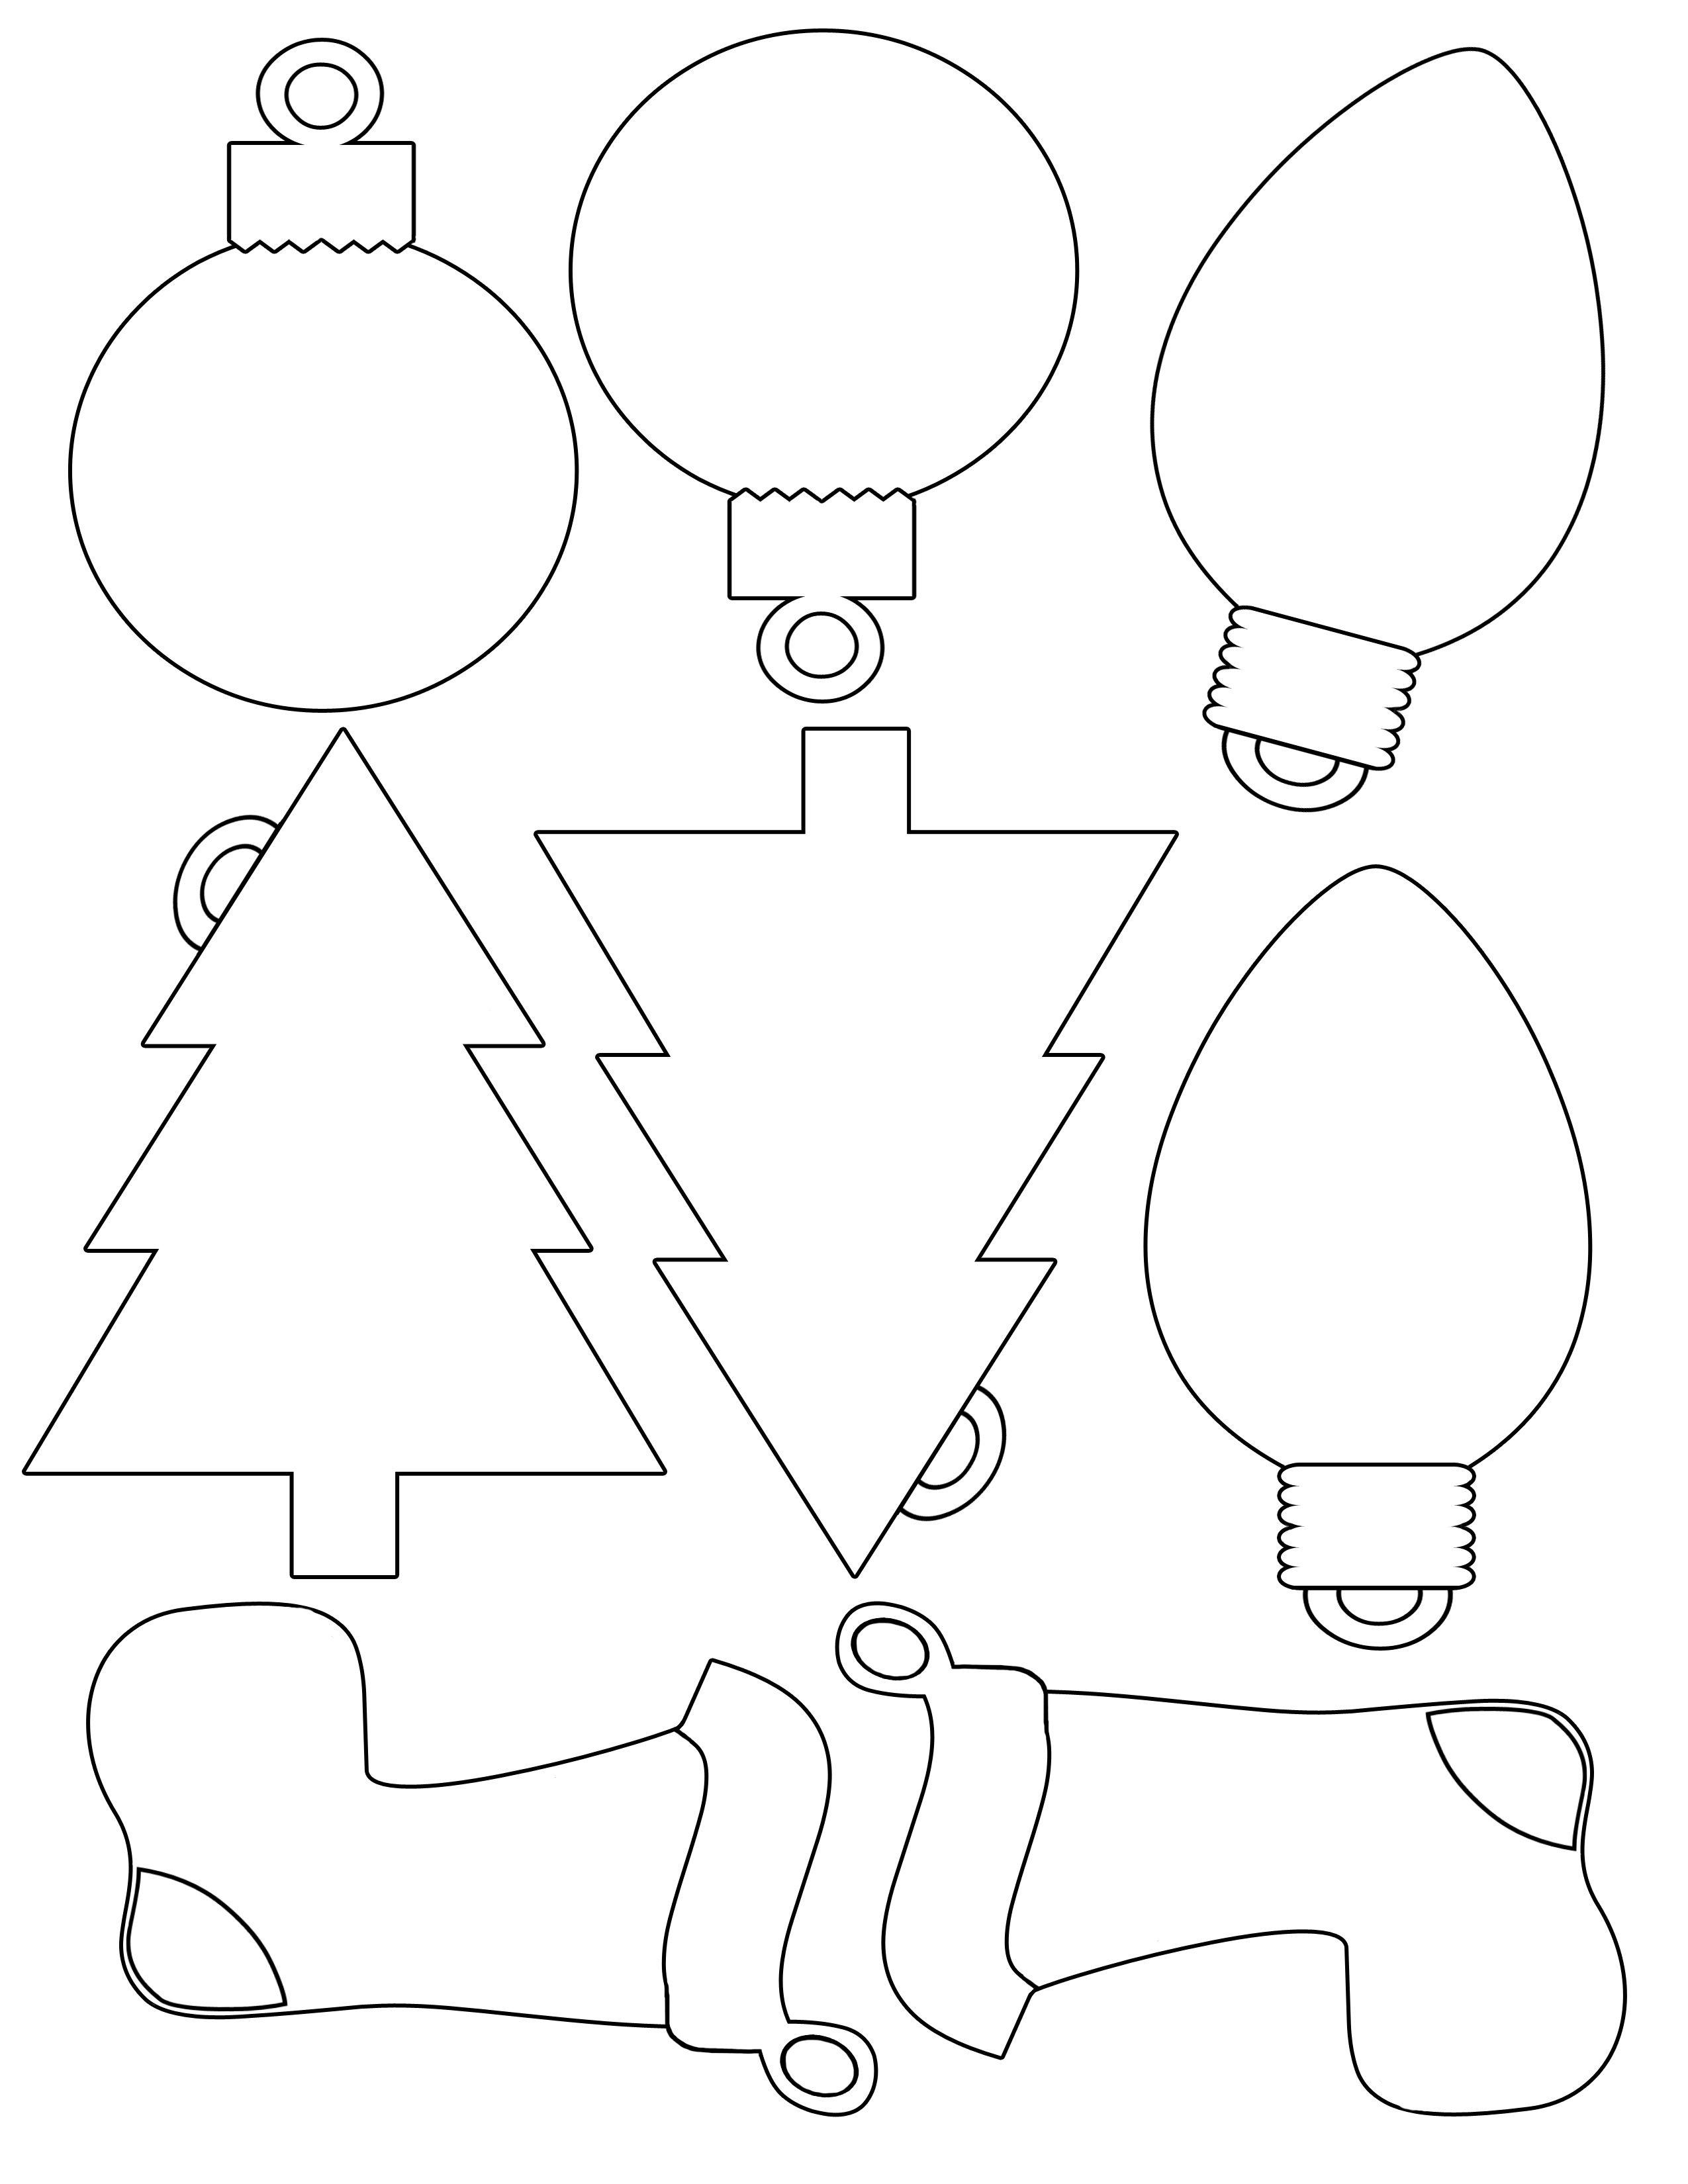 Printable Christmas Envelope    For Christmas Shapes For Gift - Free Printable Christmas Cutouts